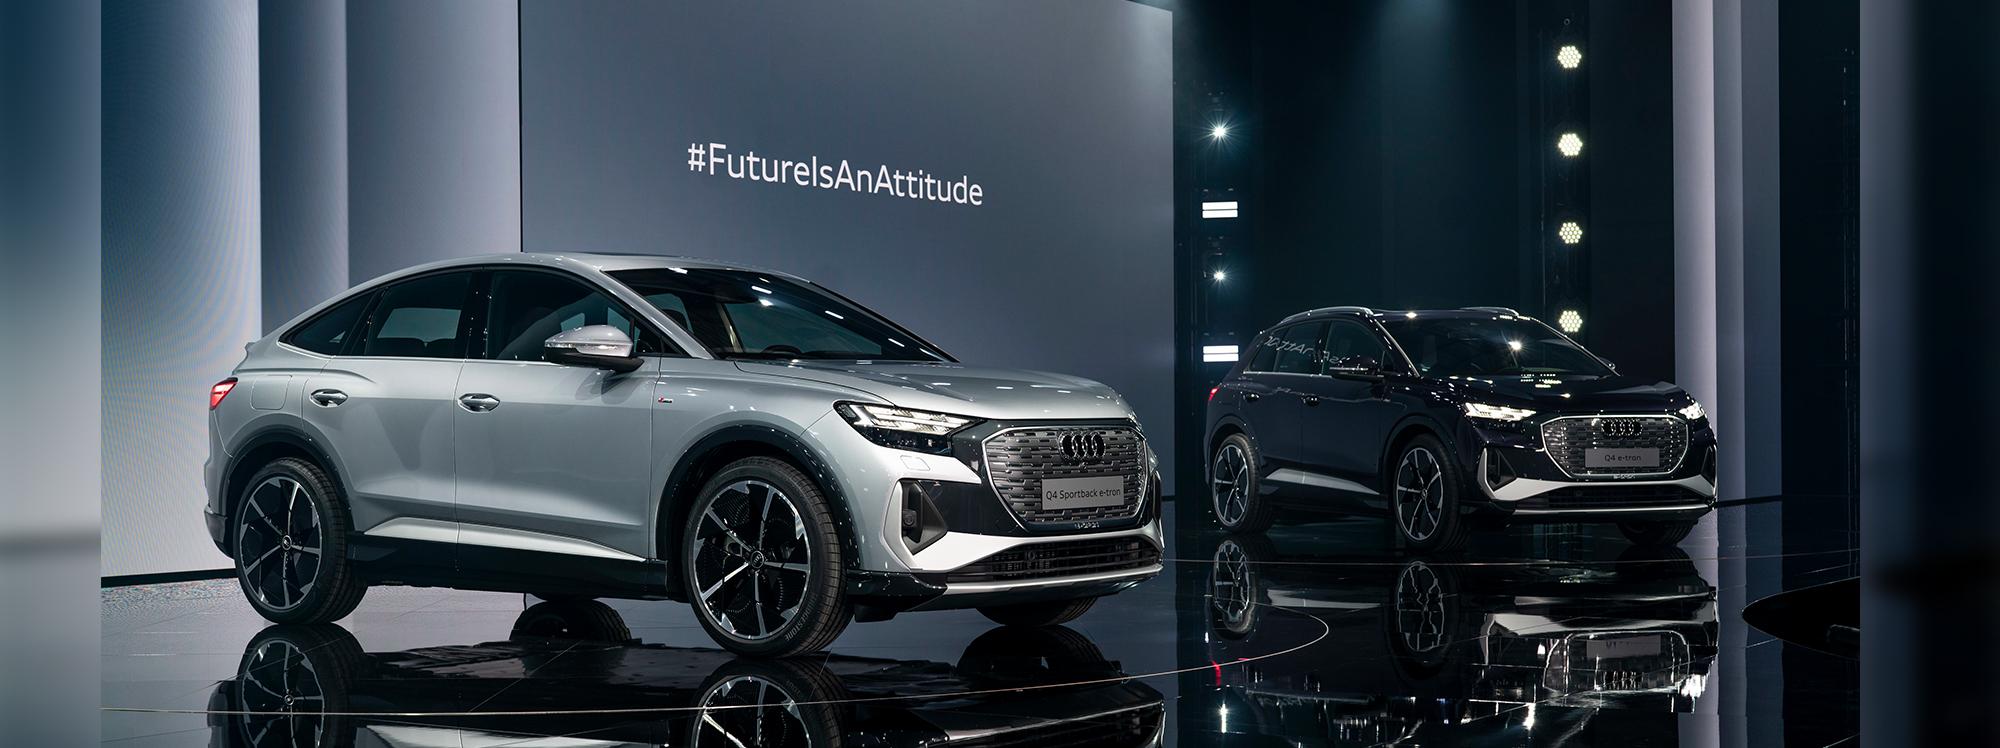 Audi renueva su compromiso con la electrificación con el Q4 e-tron